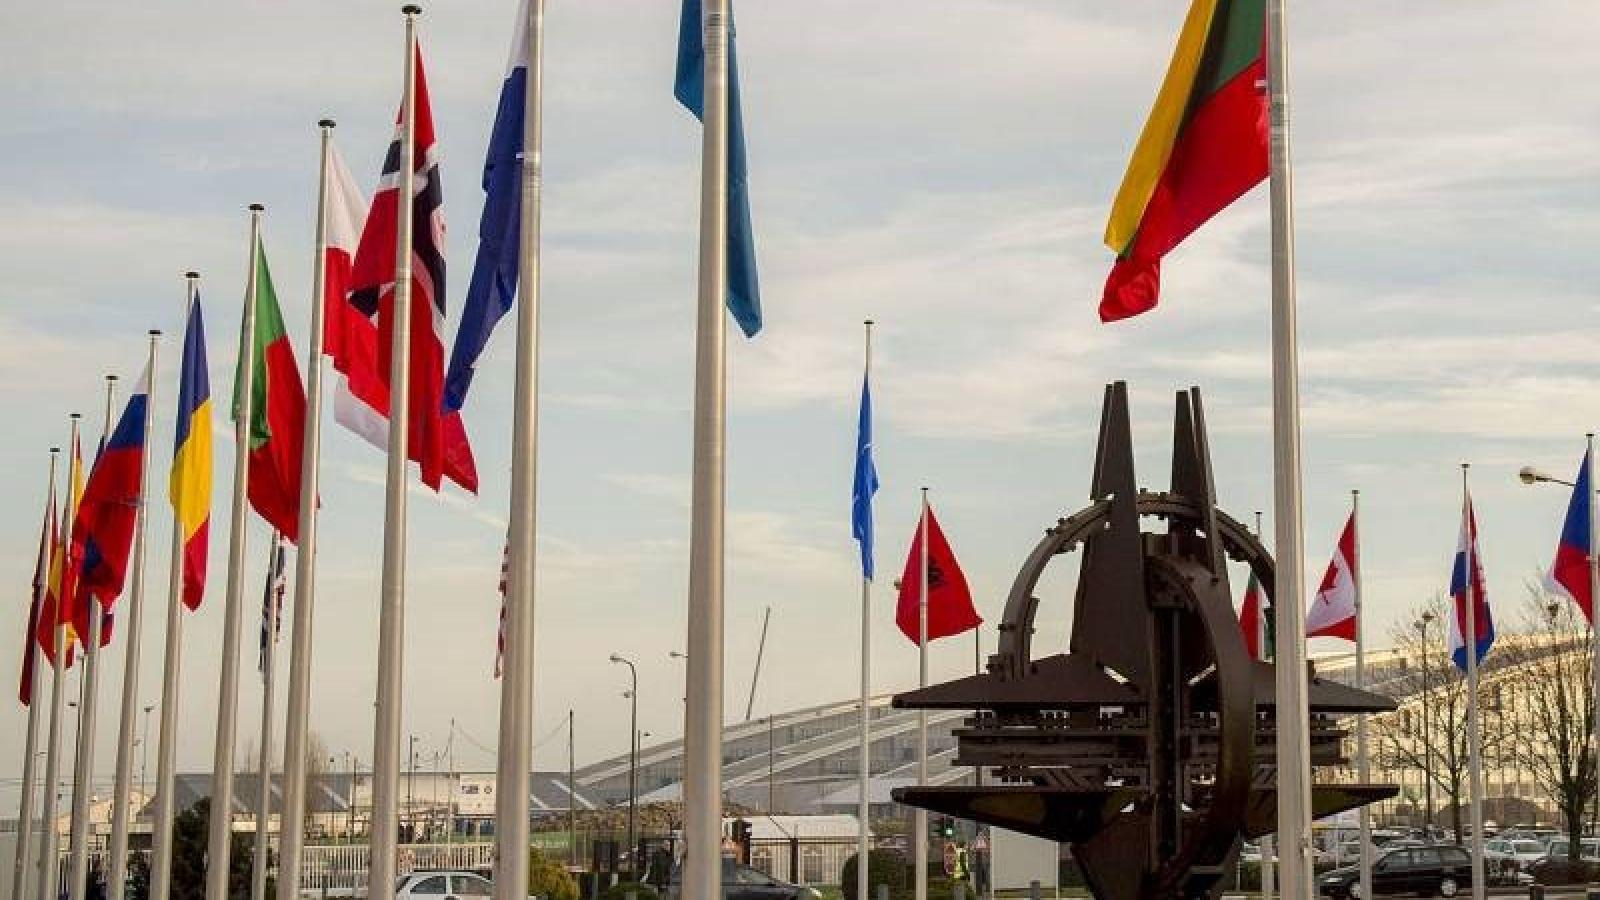 Sáng kiến NATO 2030: Các mối đe dọa cũ và chiến lược mới